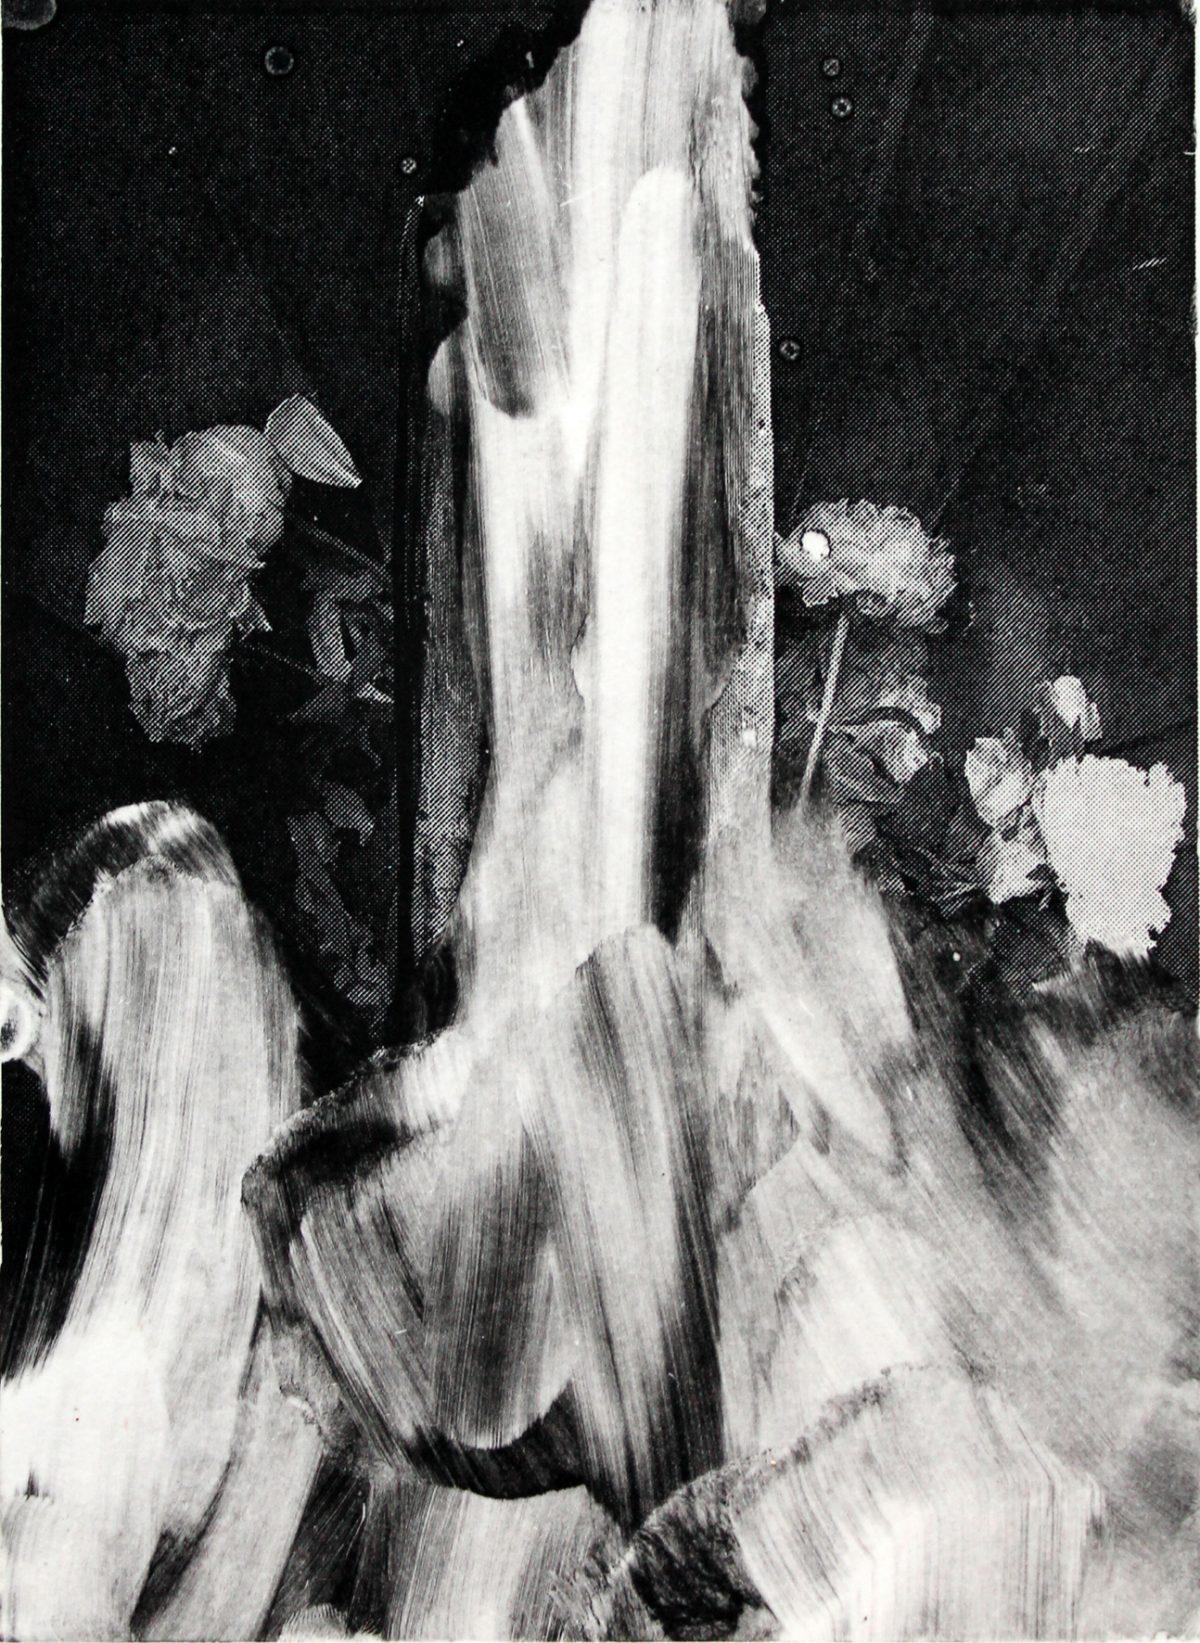 Lars Grenaae | Broken Flowers, 2017. Monotype, 32x26 cm